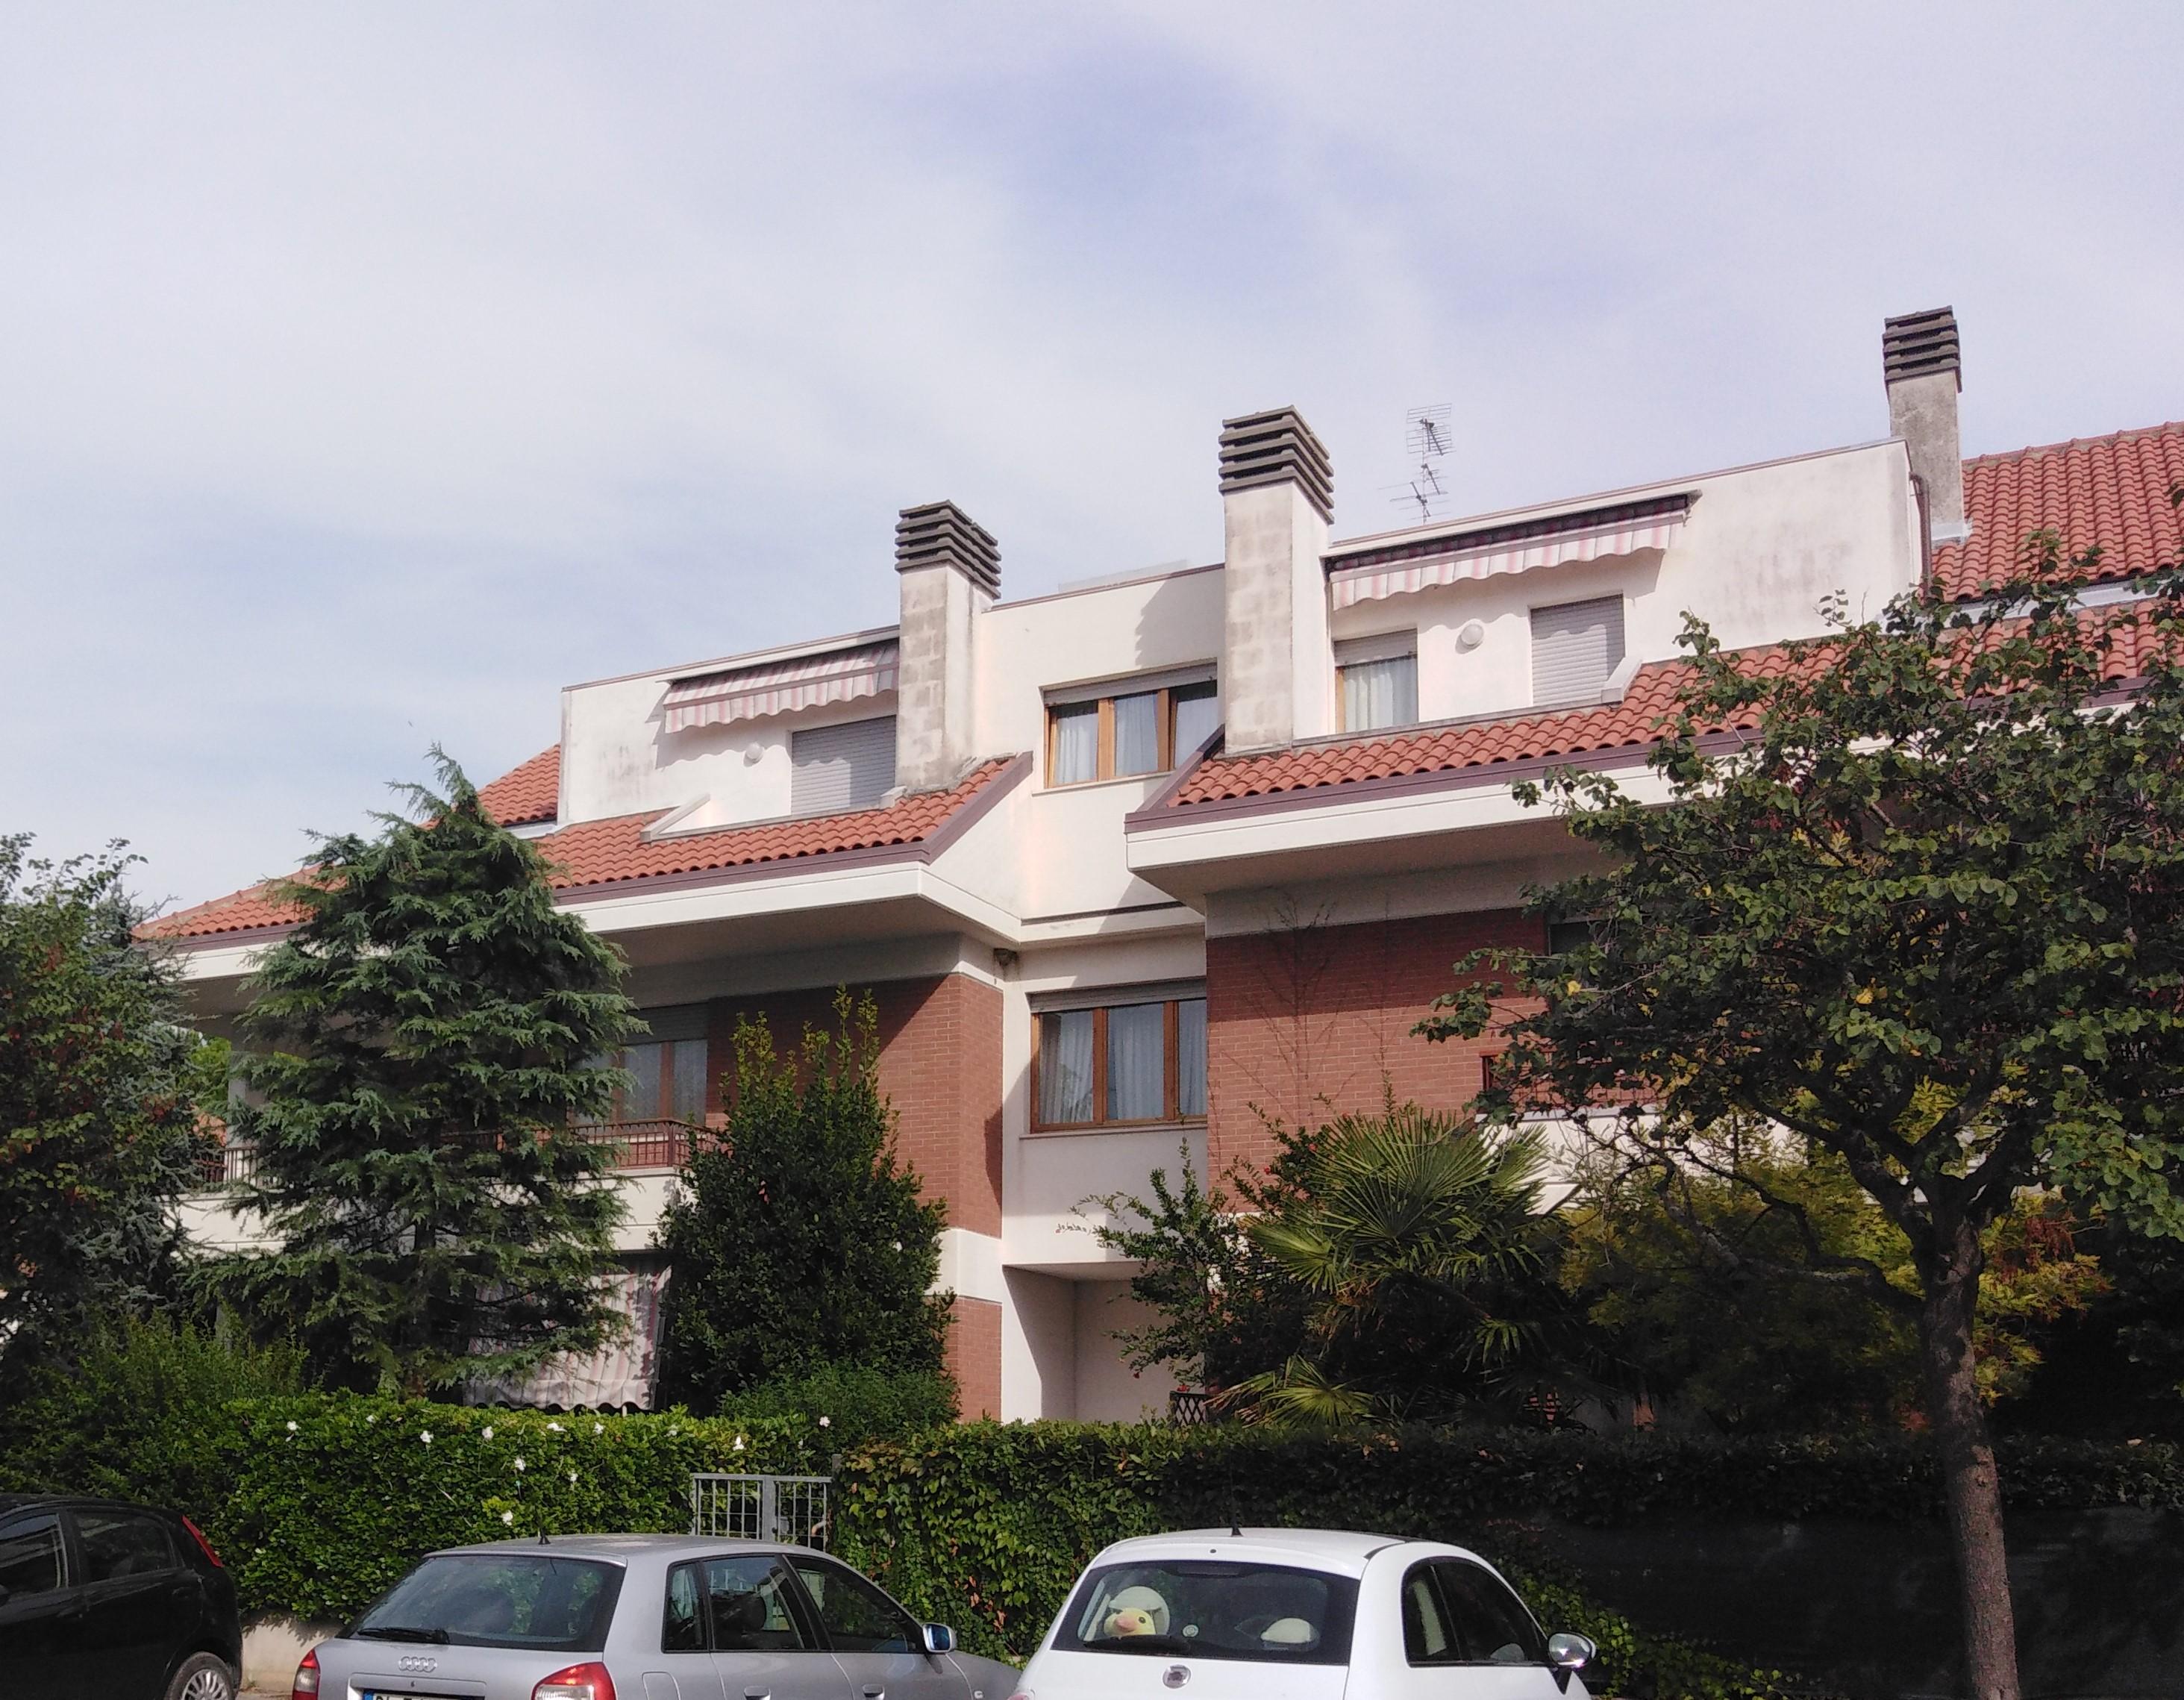 Vendita Senigallia - Mq. 110 - € 310000